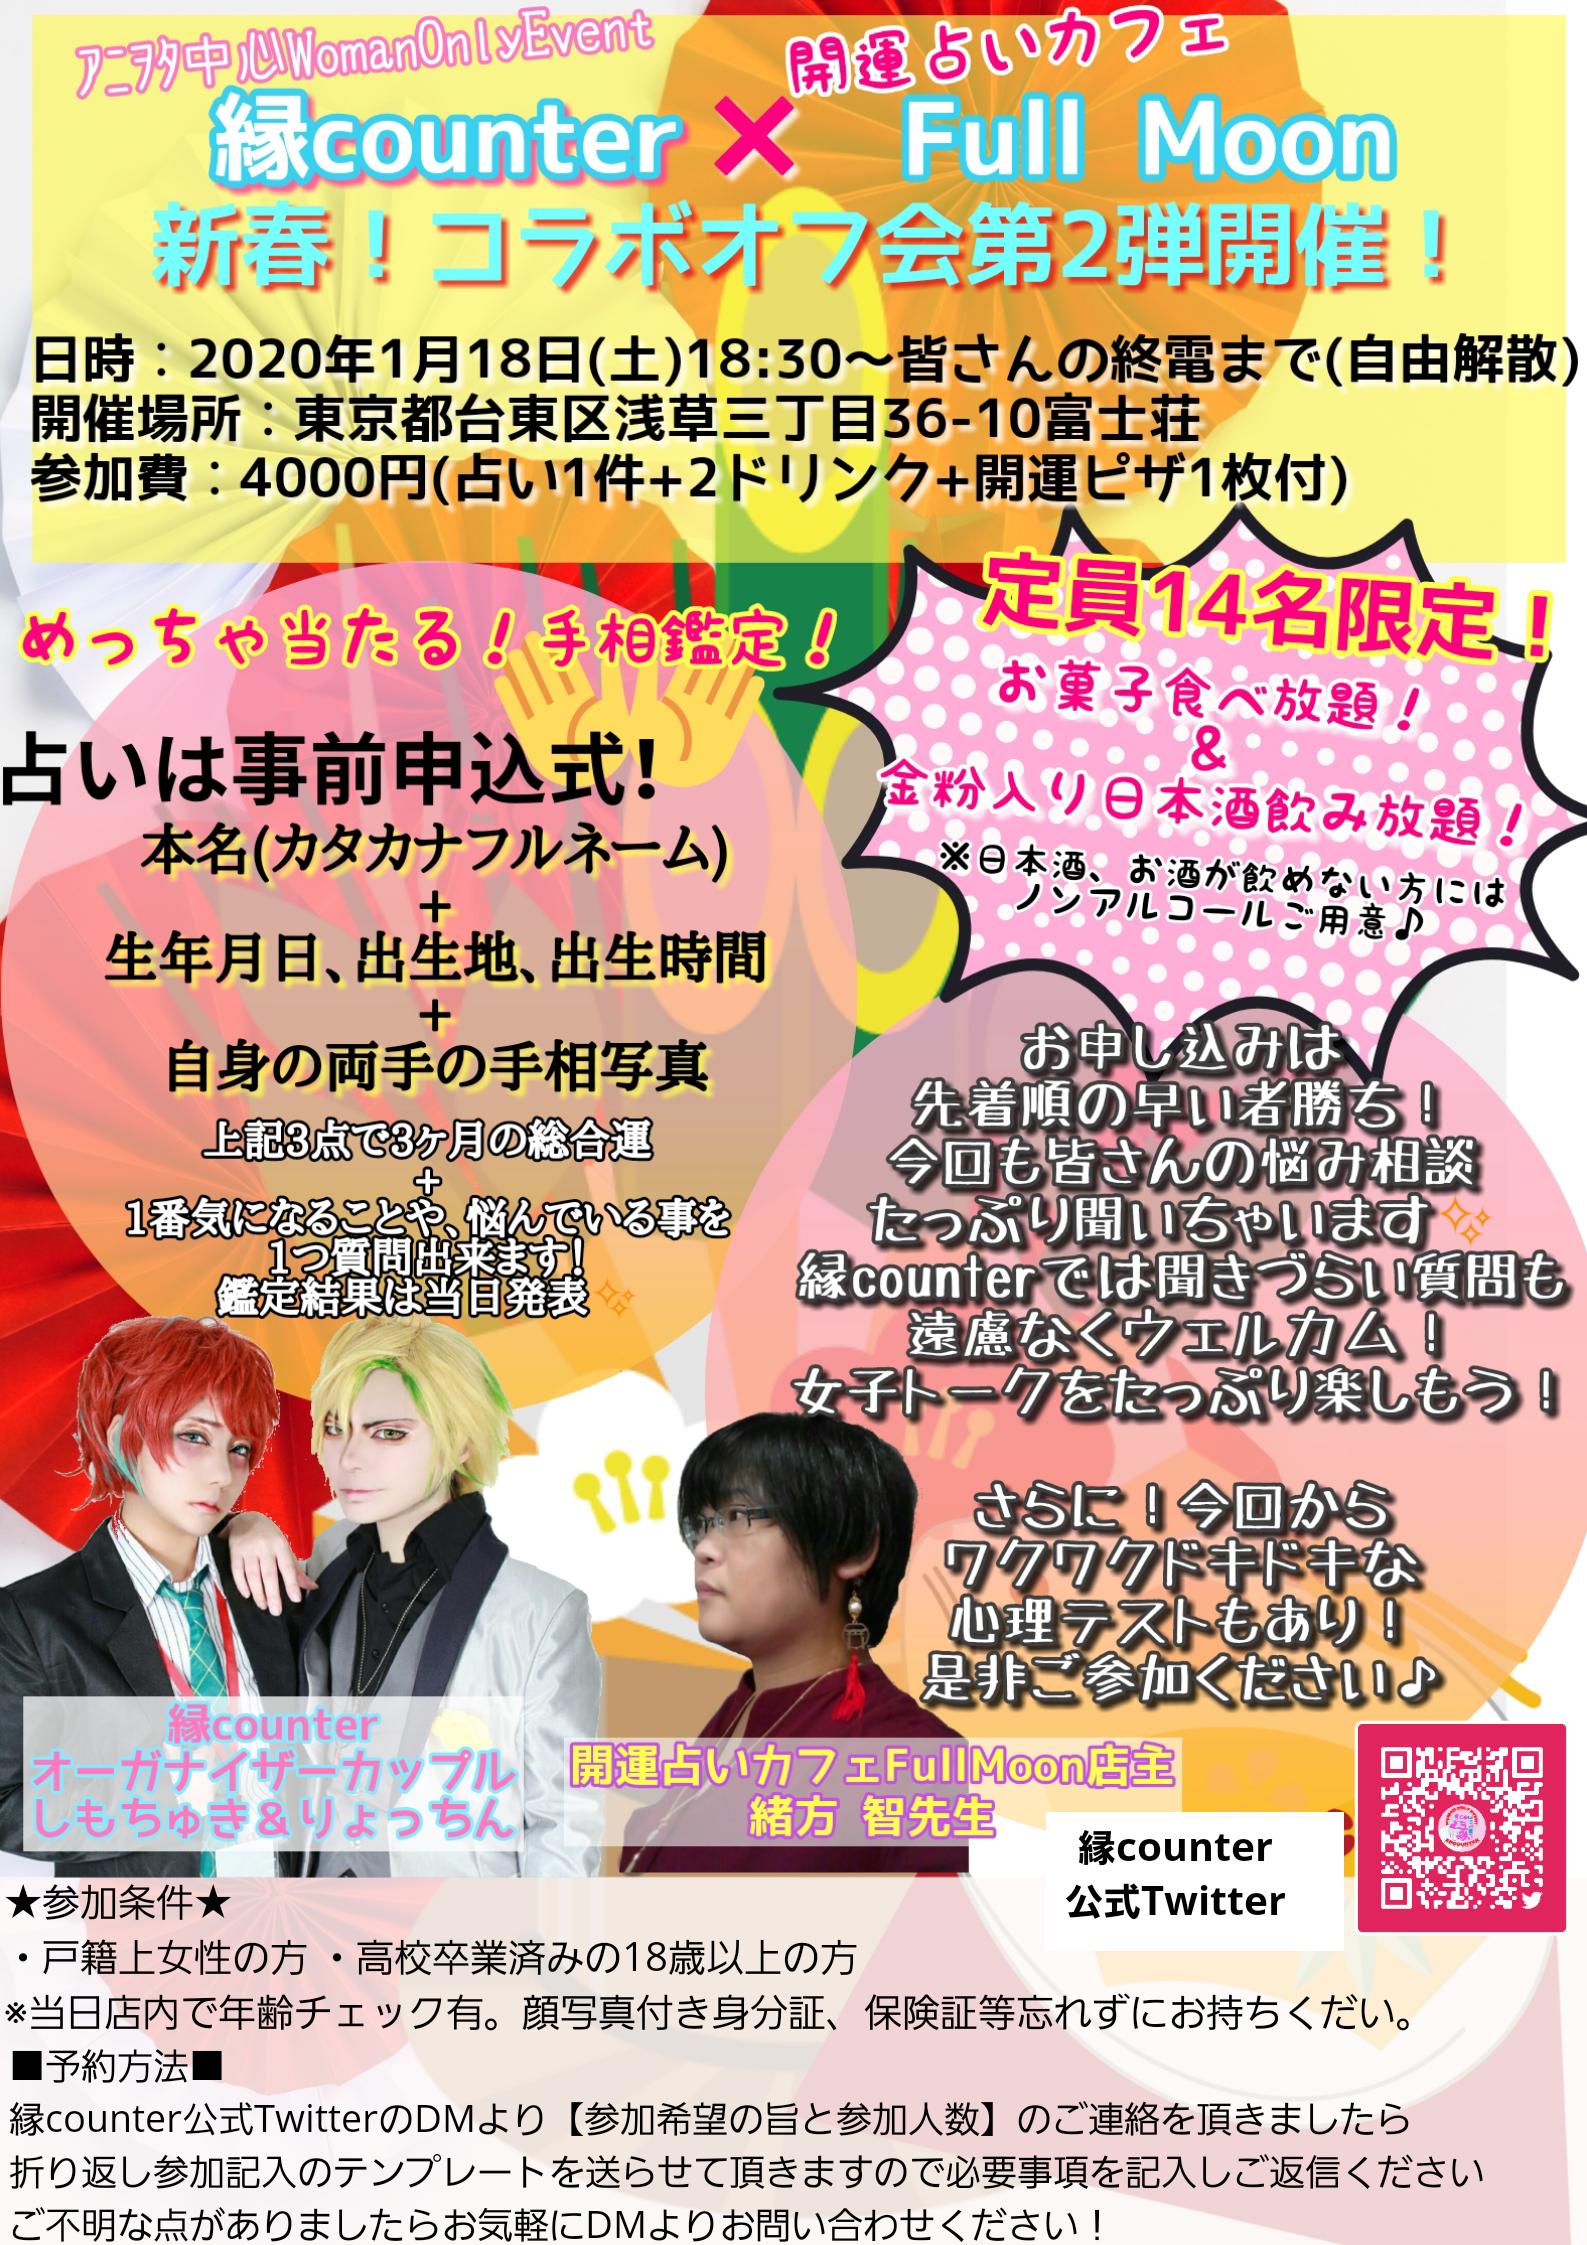 満員御礼!キャンセル待ち!14名限定浅草で新年占いオフ会開催